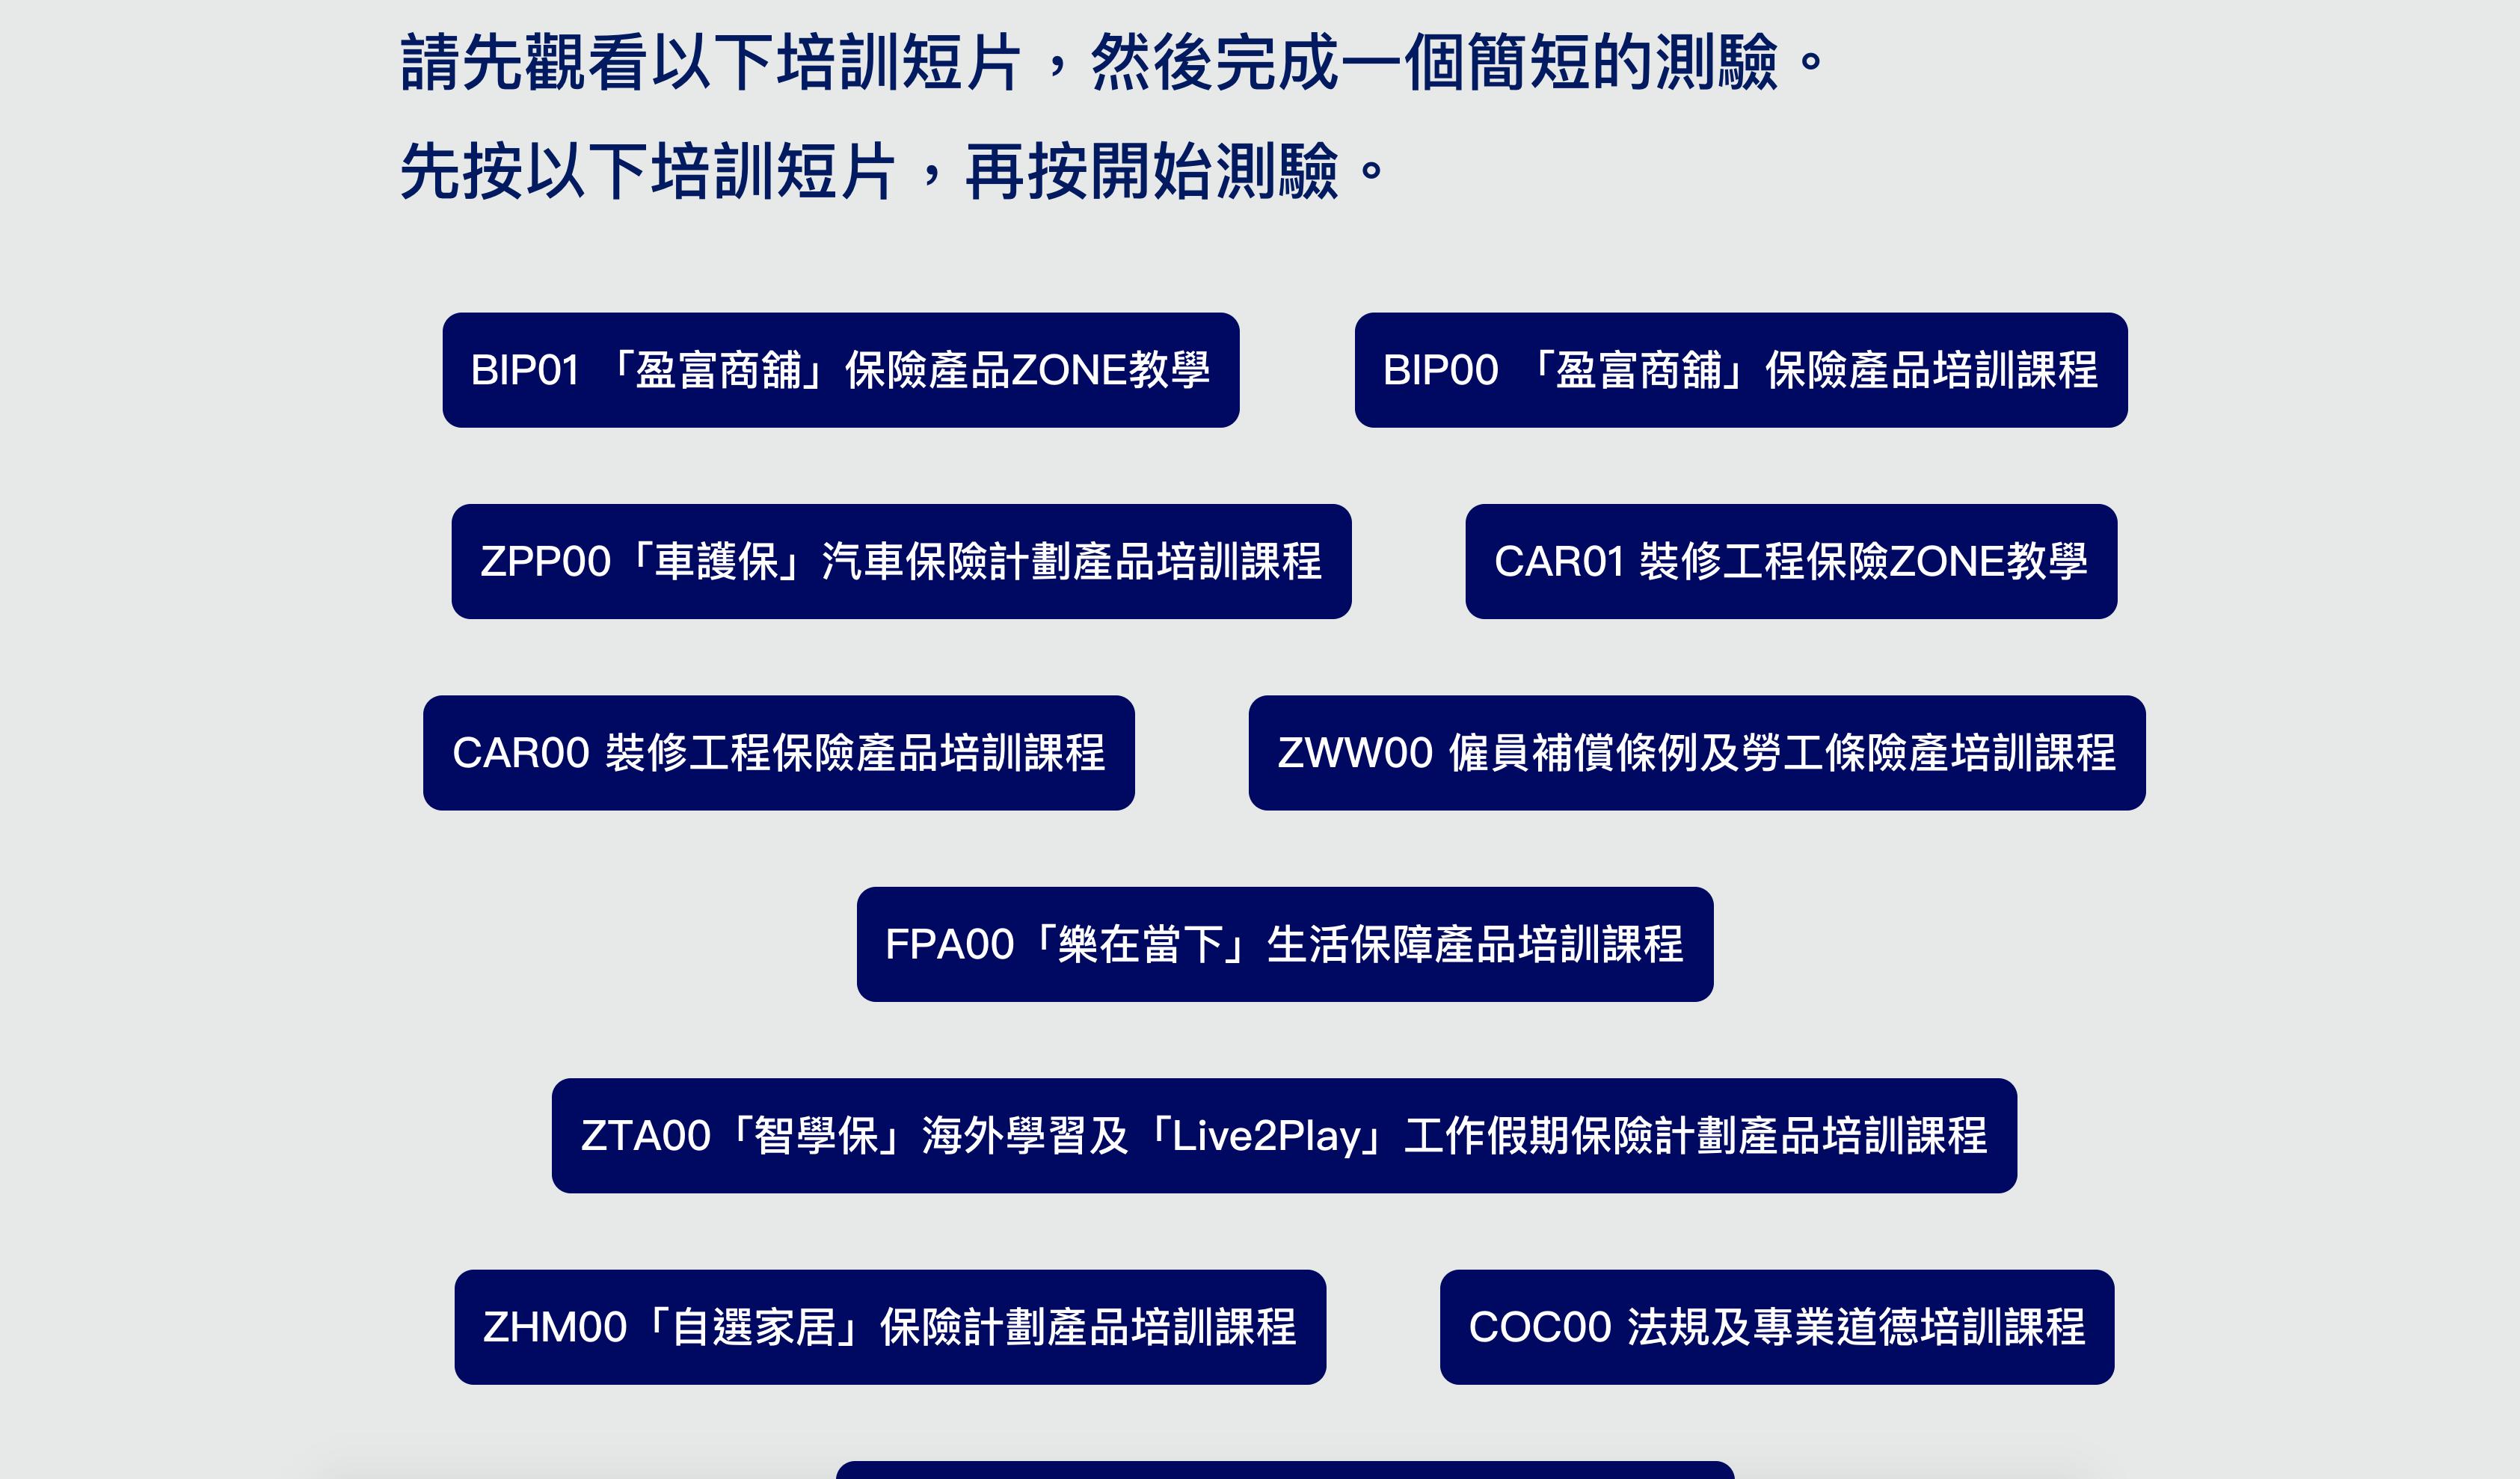 螢幕截圖 2021-07-08 14.09.59.png